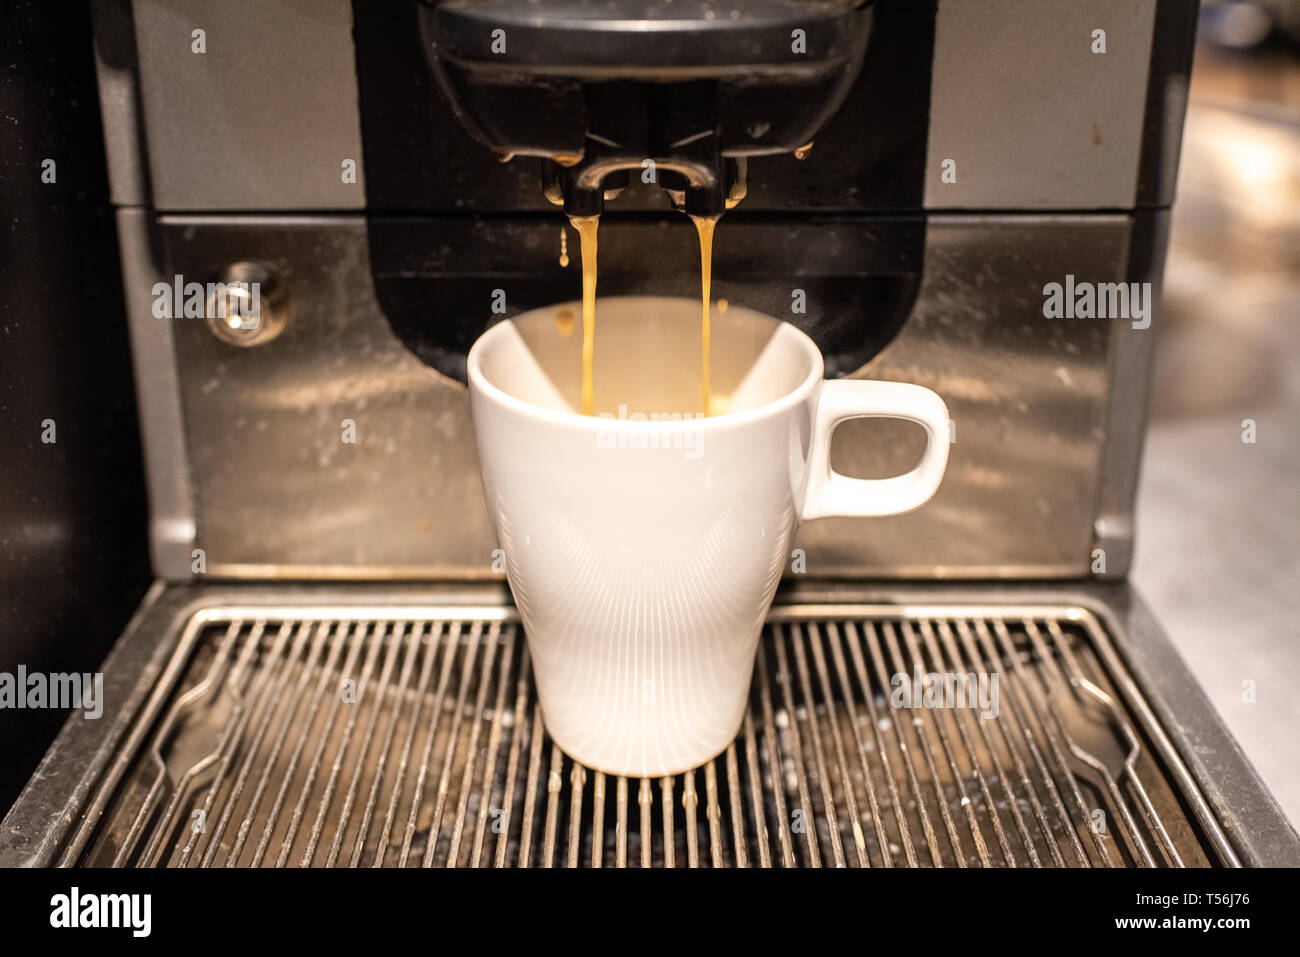 Cafetera Industrial preparar un café con leche Fotografía de